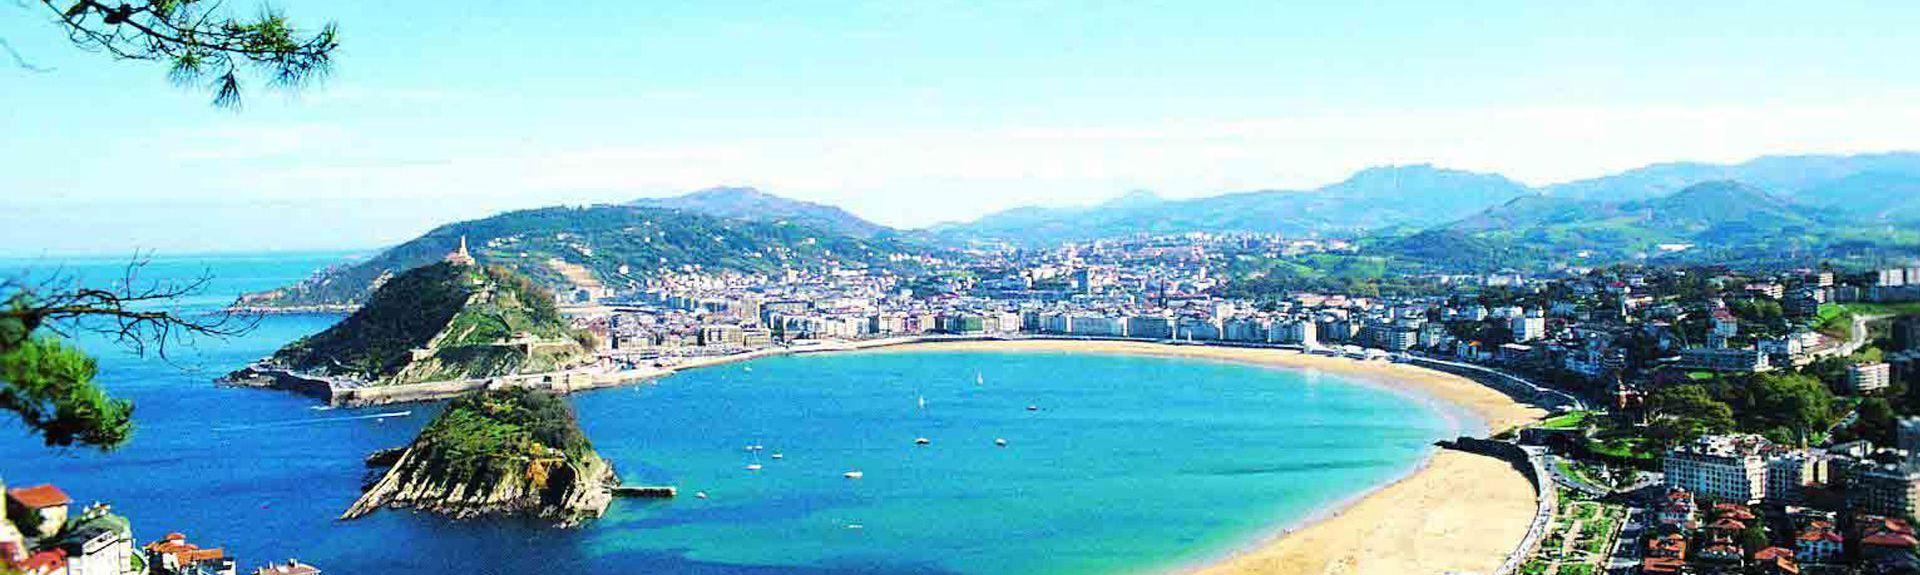 Berrobi, País Basco, Espanha